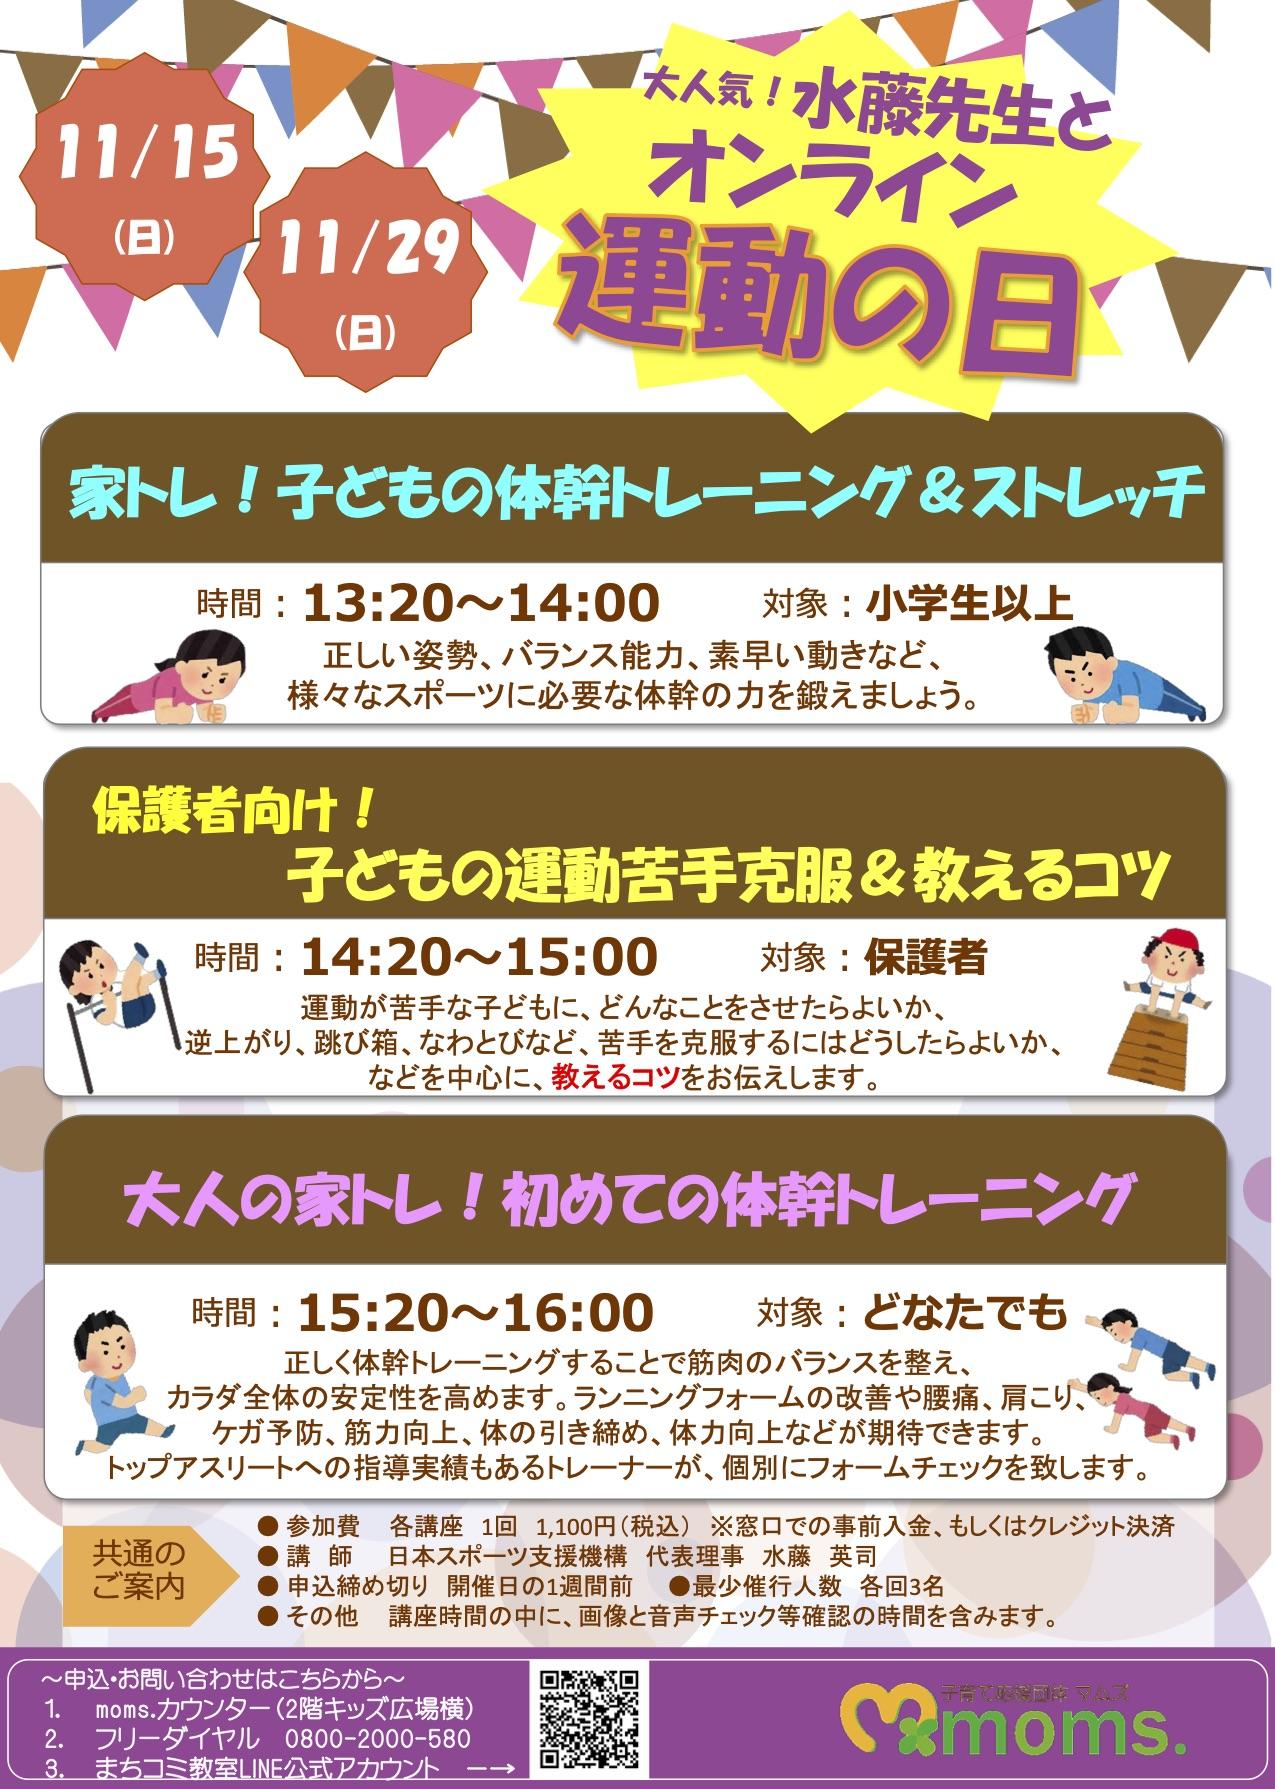 子育て応援団体moms.様主催 オンラインイベント